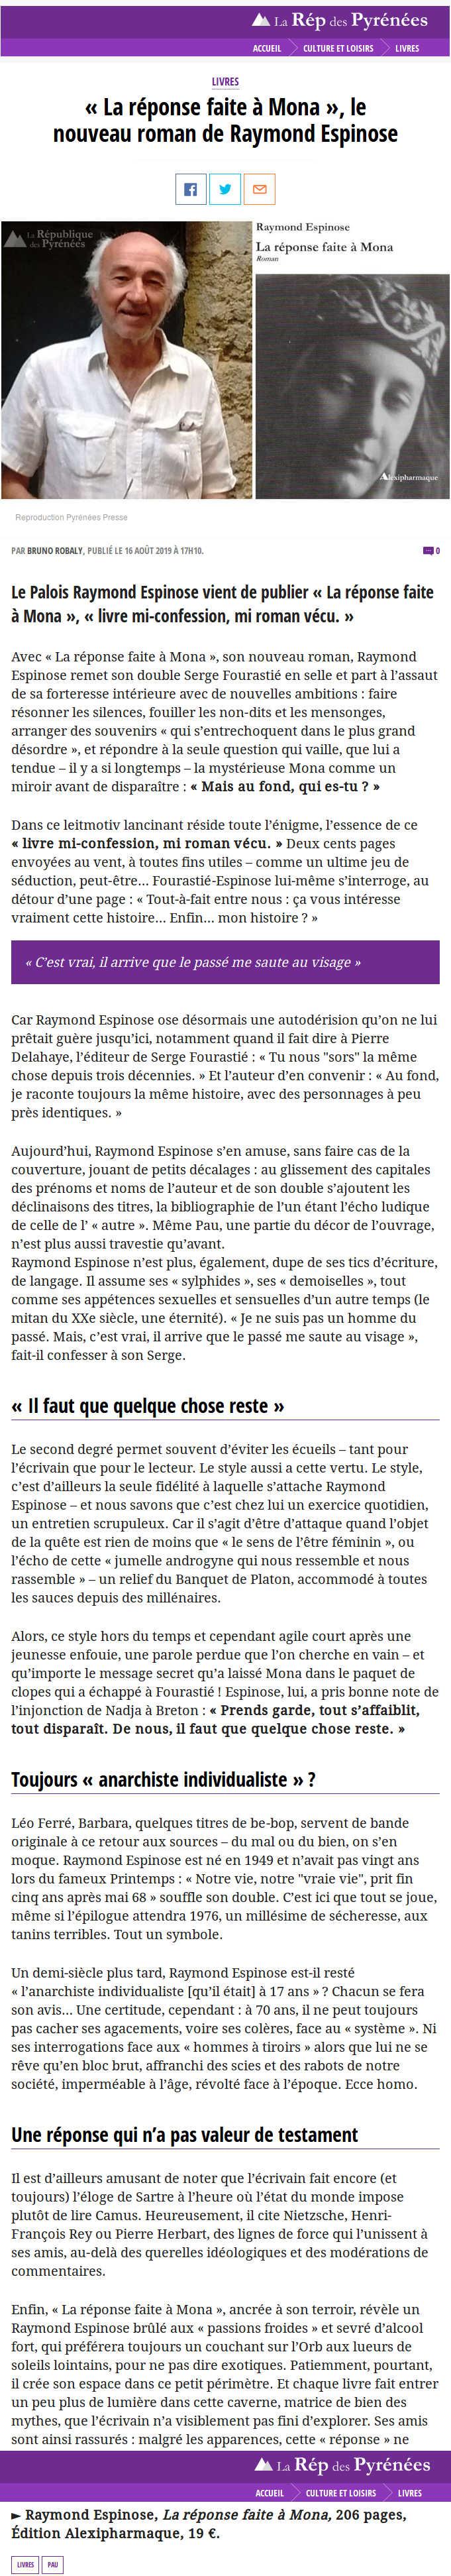 La République des Pyrénées – Août 2019